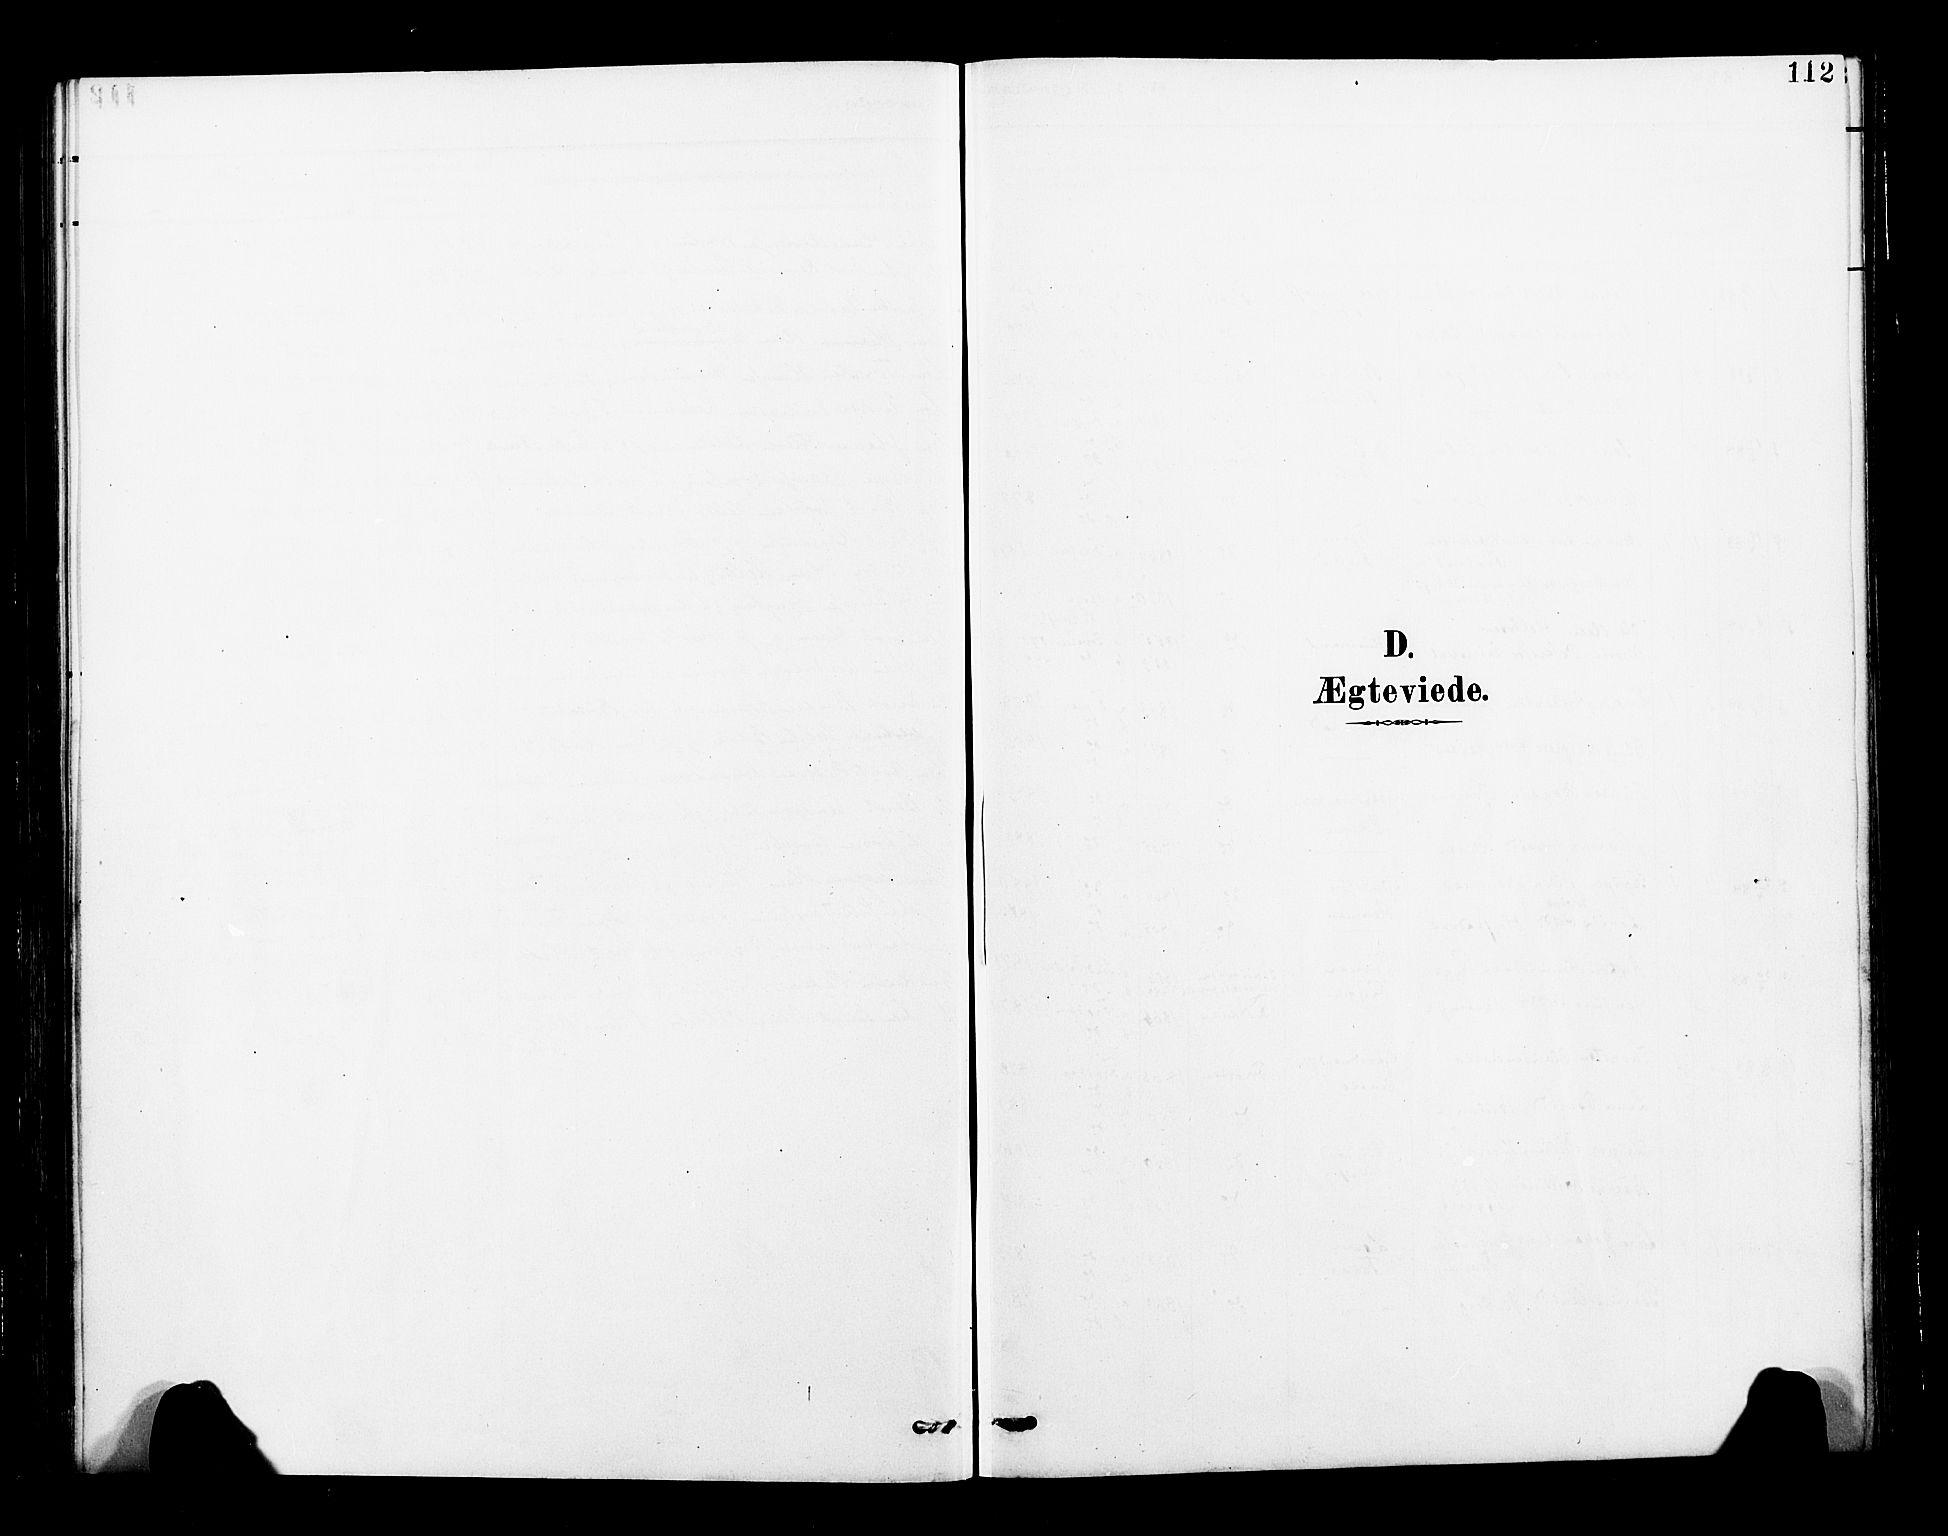 SAT, Ministerialprotokoller, klokkerbøker og fødselsregistre - Nord-Trøndelag, 713/L0121: Ministerialbok nr. 713A10, 1888-1898, s. 112